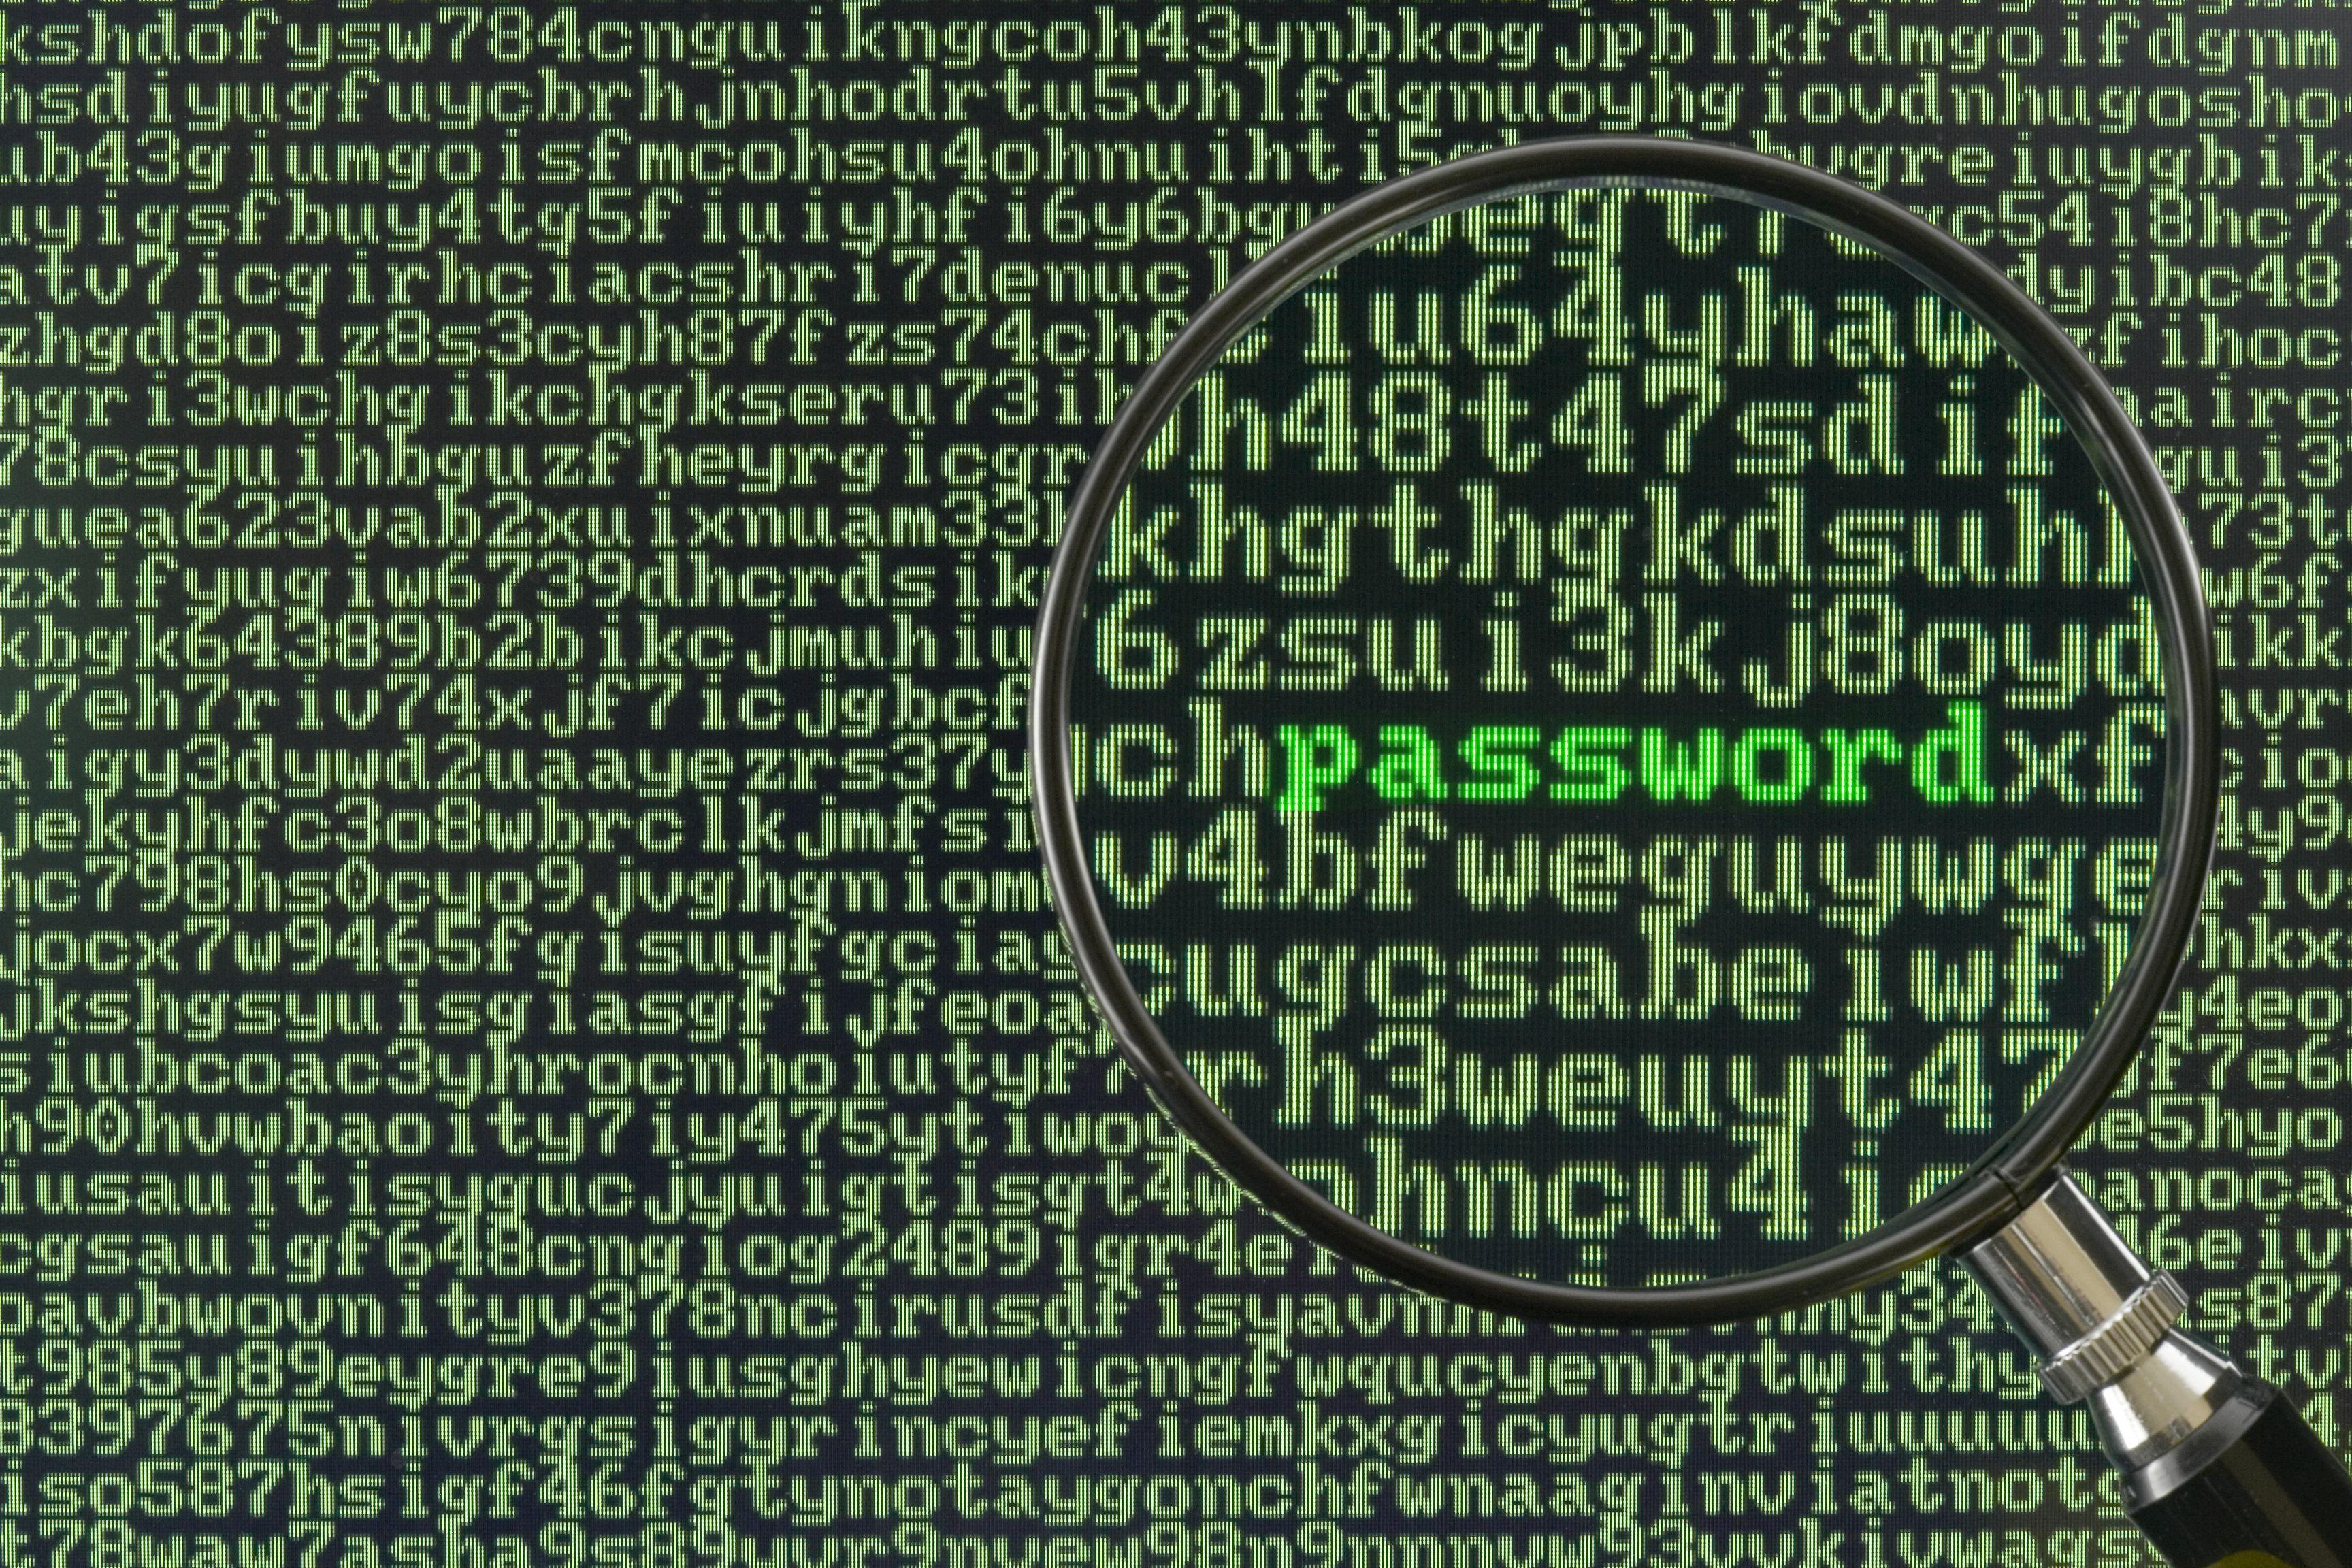 hacking for password © Yong Hian Lim - Fotolia.com